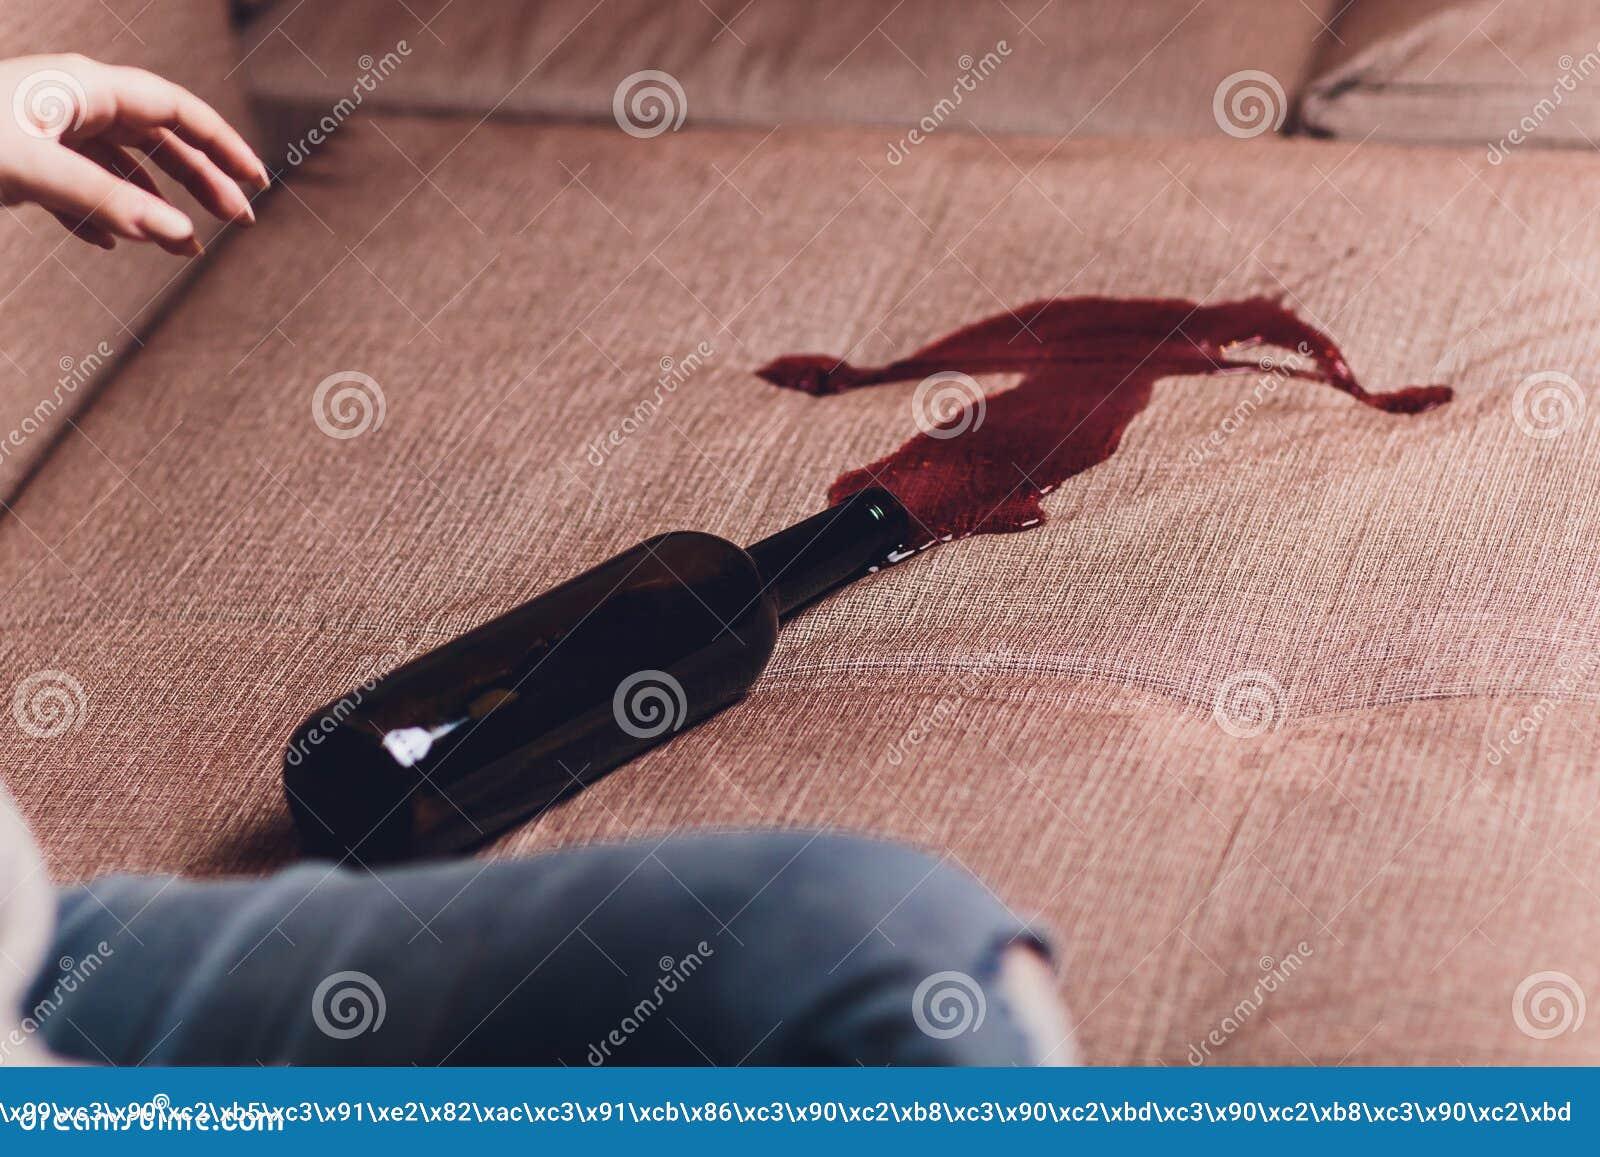 El vino tinto se derramó en un sofá marrón del sofá la botella oscura de vino tinto cayó